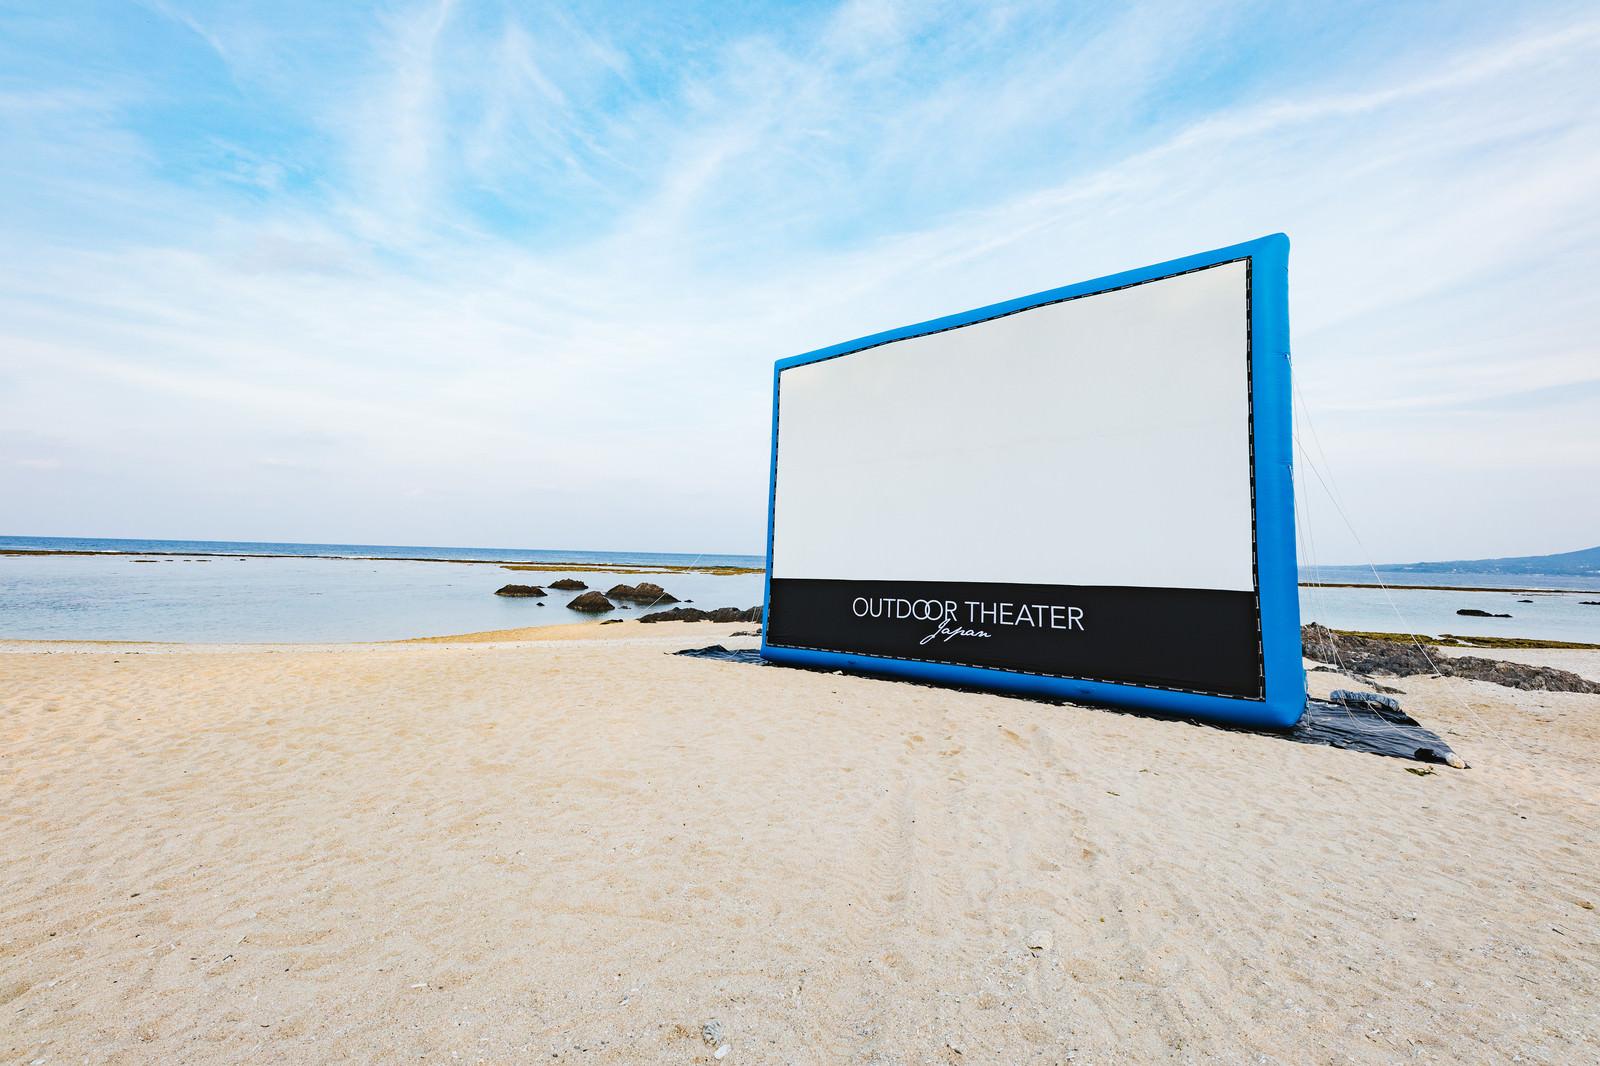 「徳之島畦(アゼ)プリンスビーチとアウトドアシアター」の写真